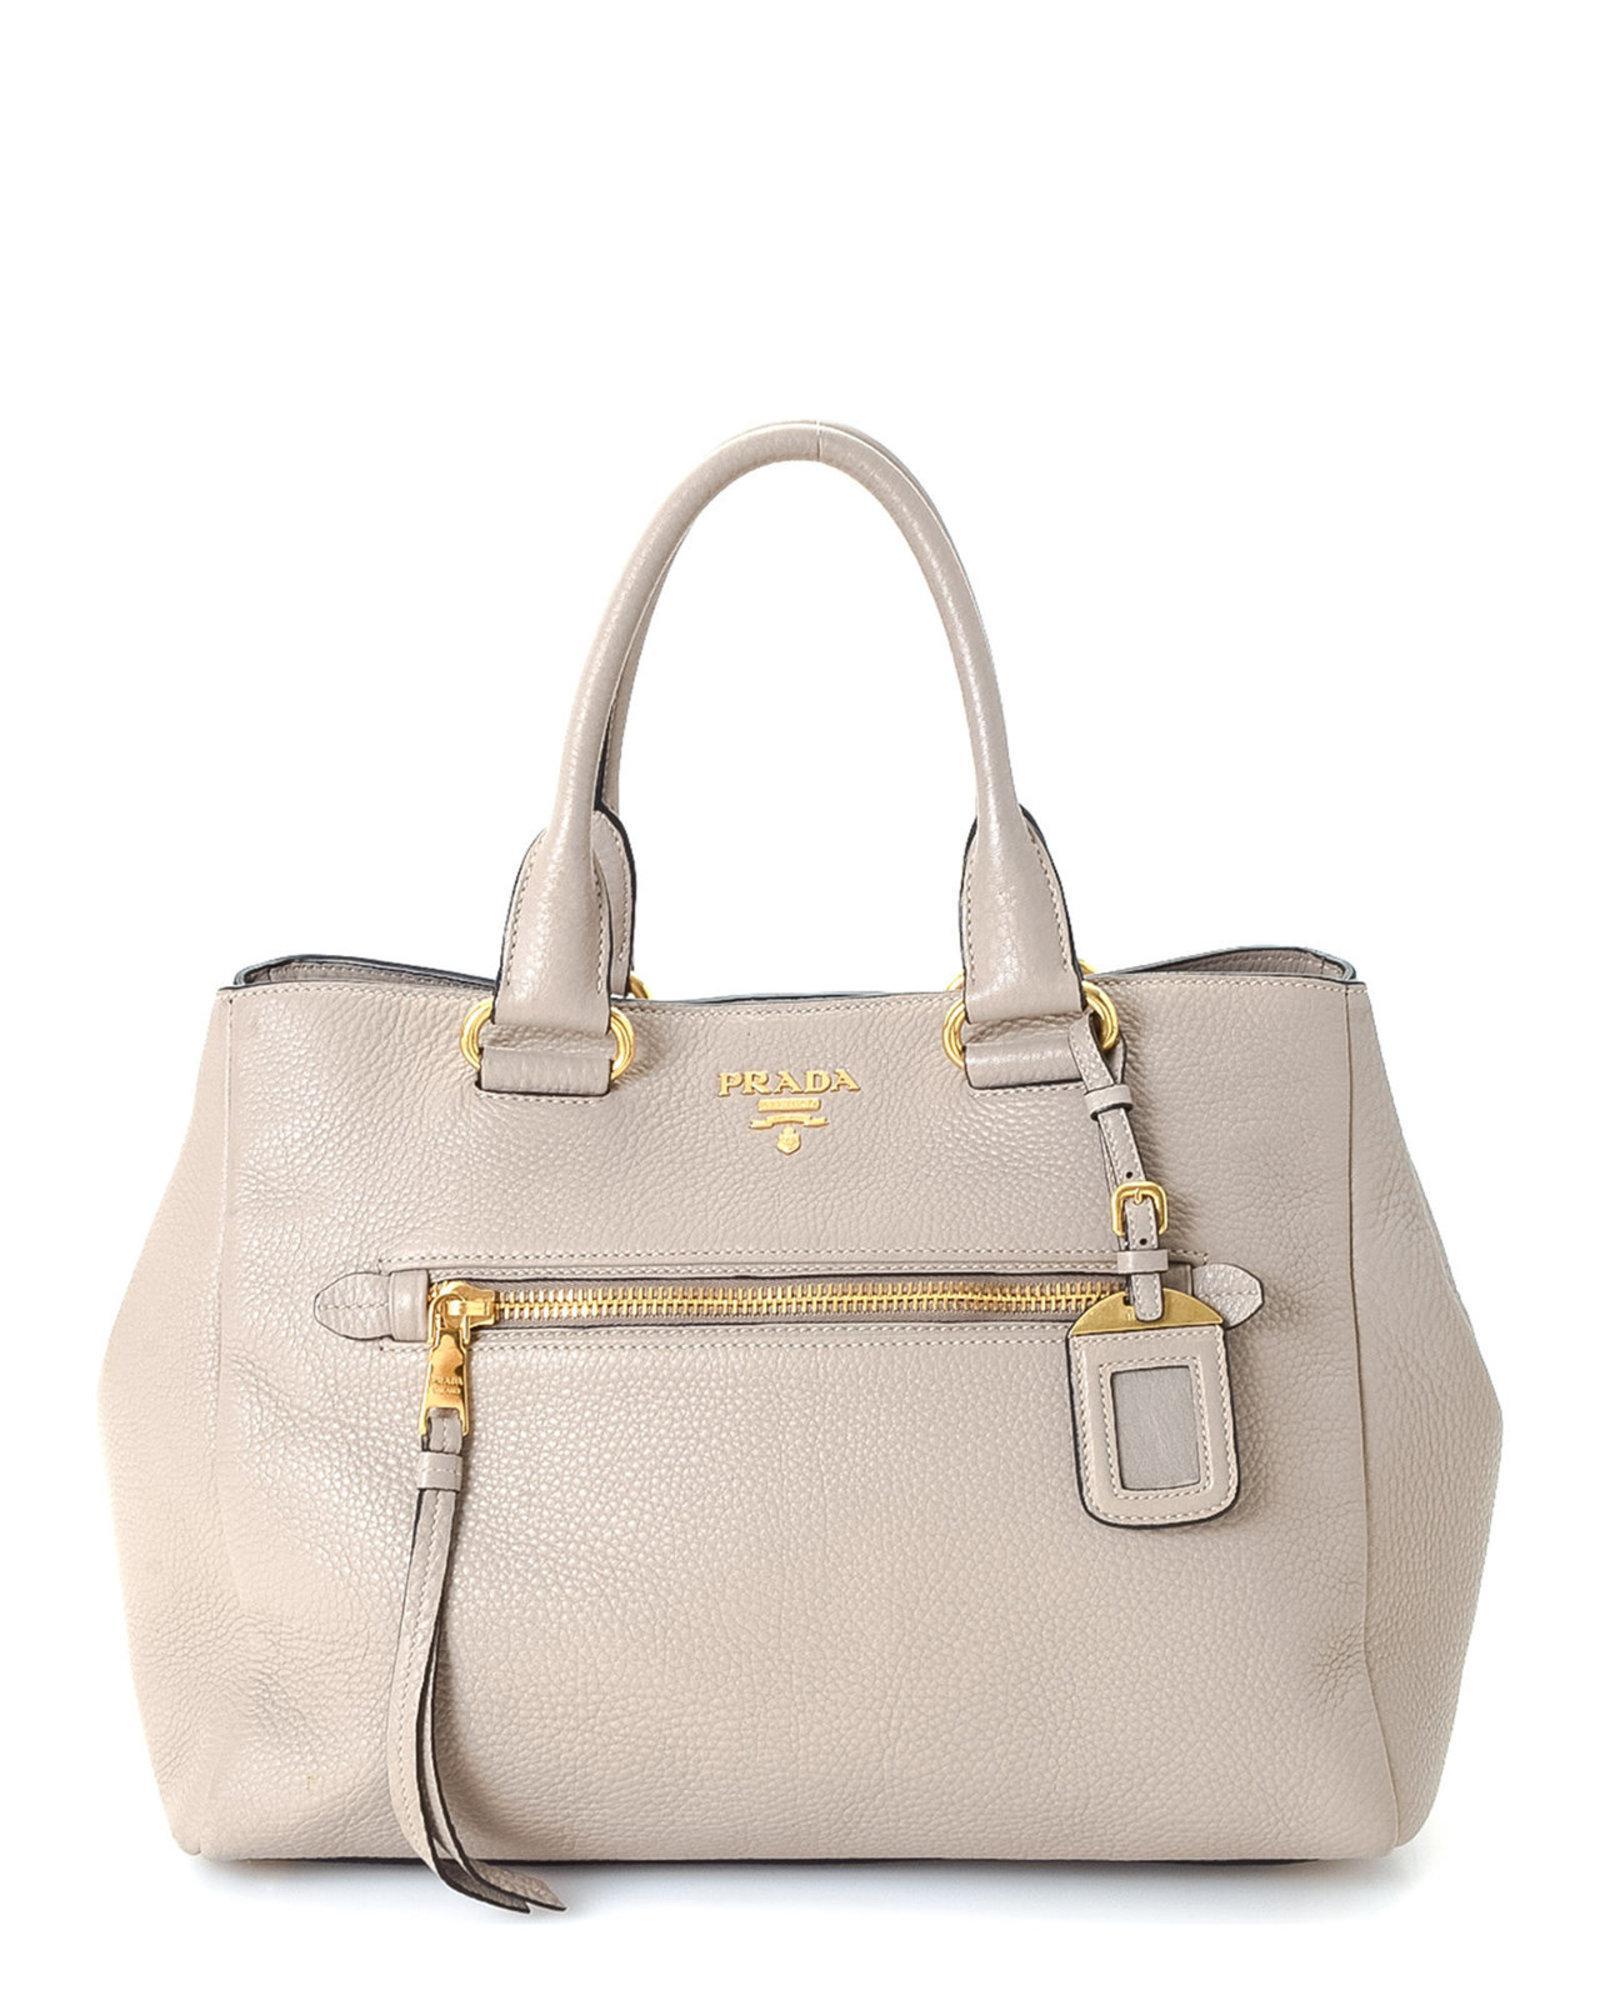 9984de36315a9 Lyst - Prada Vitello Daino Tote Bag - Vintage in Gray